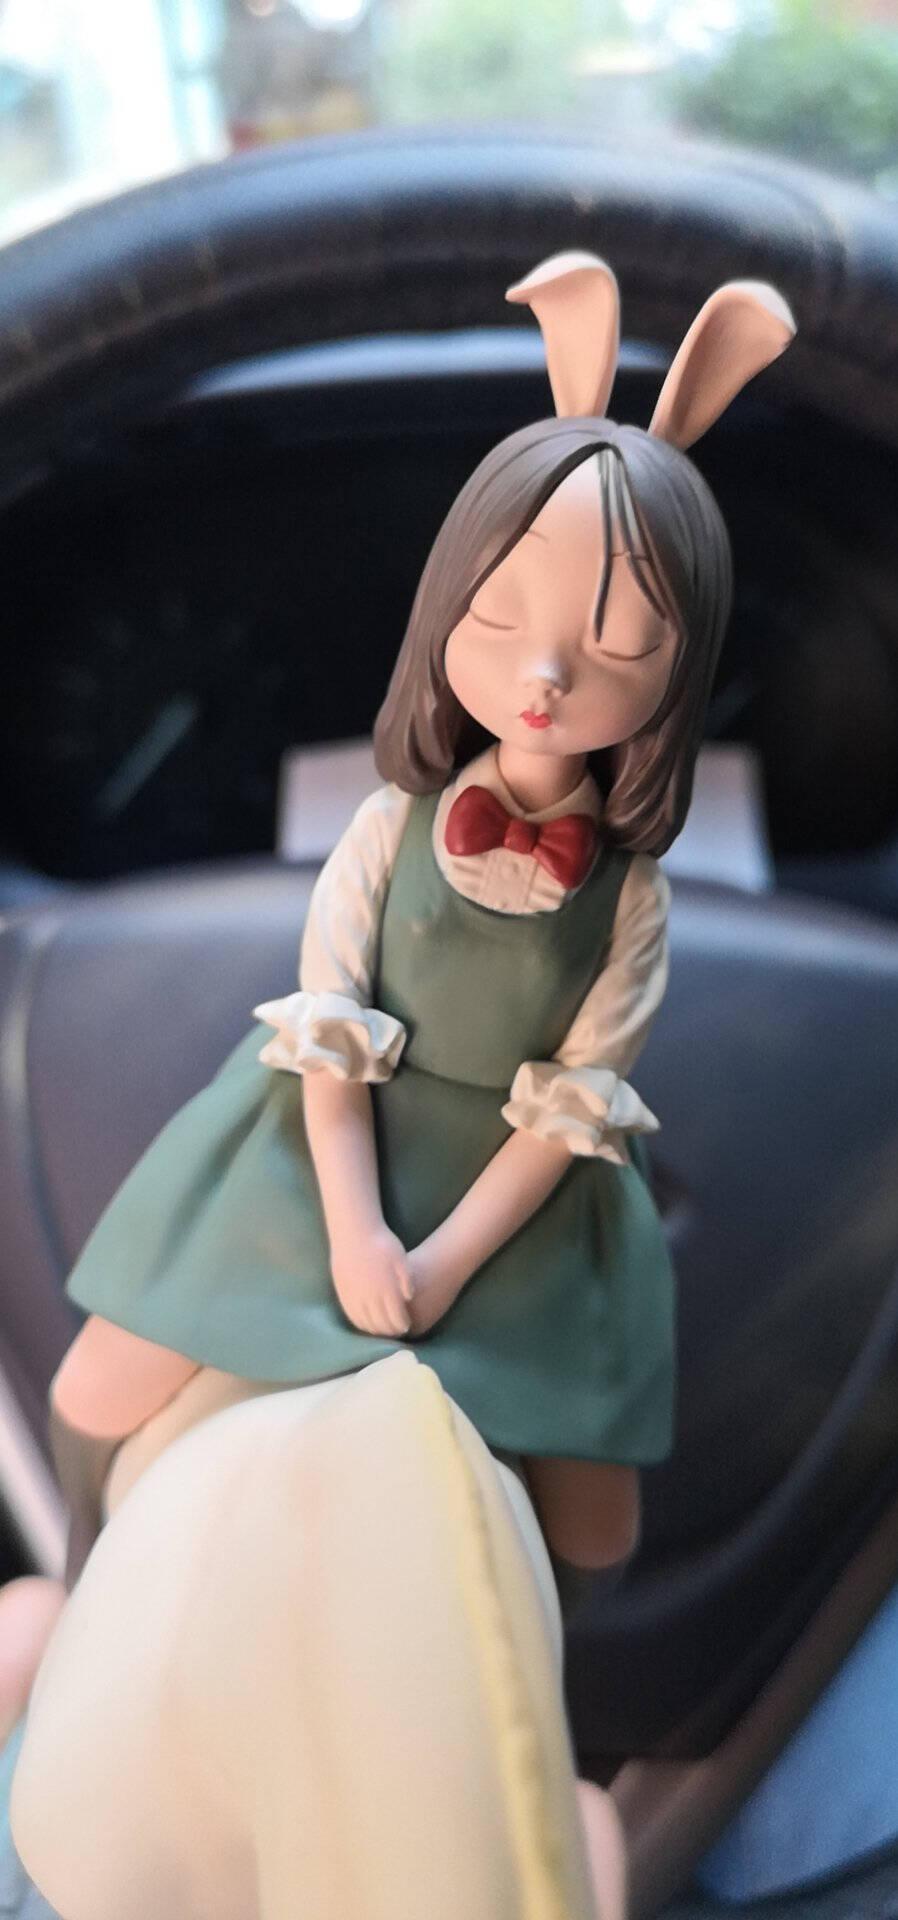 可米生活(KEMELIFE)白夜童话系列暖熊·夏夜mini版家居装饰办公室桌面摆件艺术品摆设客厅装饰品雕塑礼物